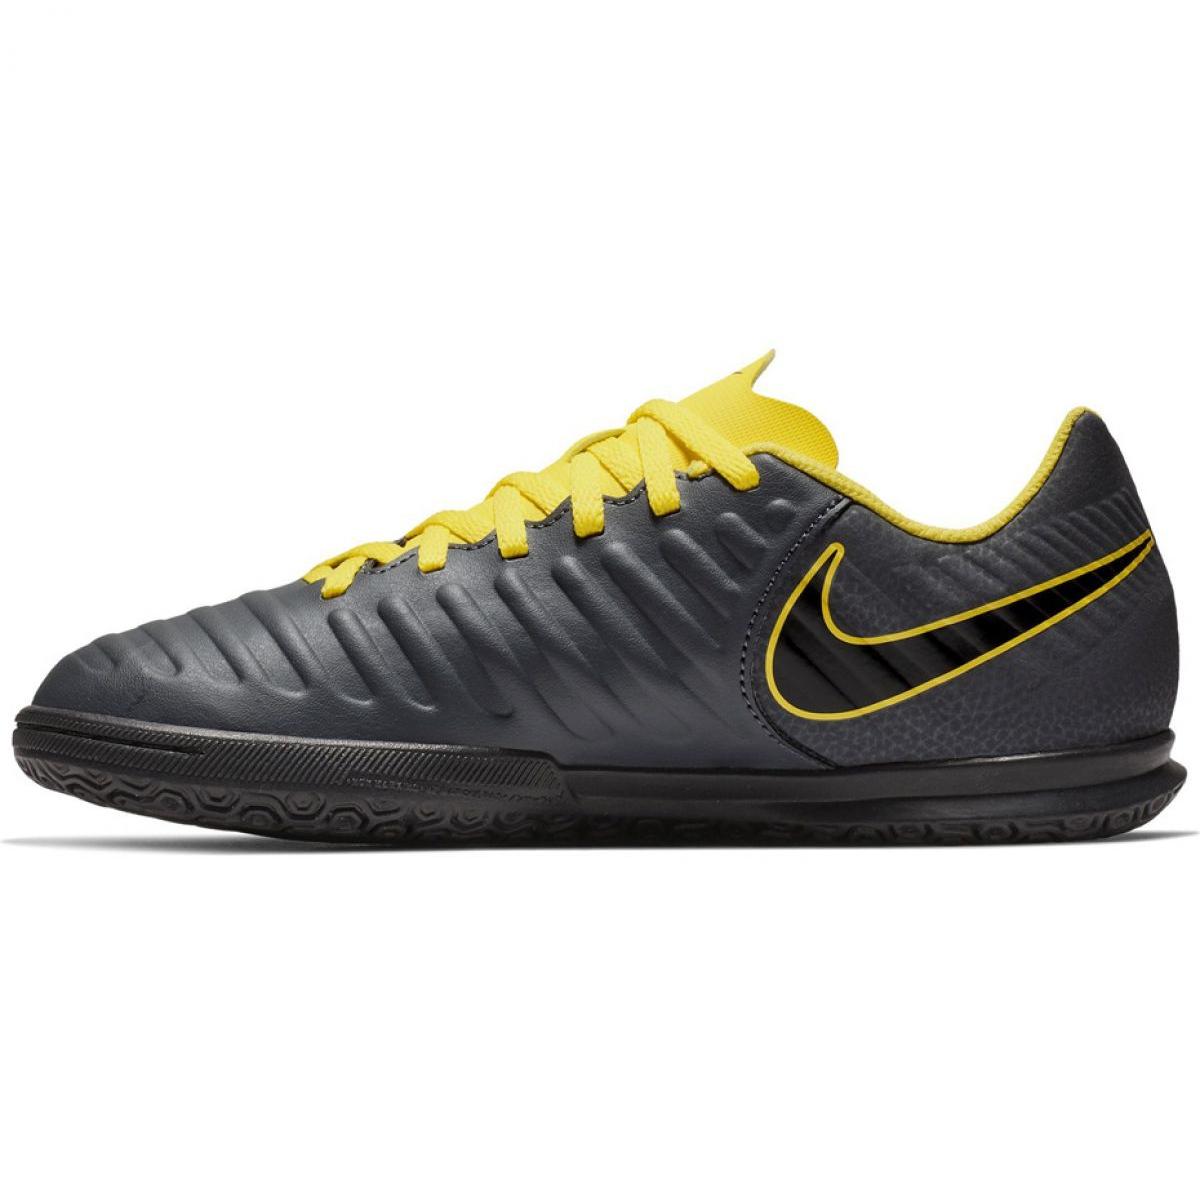 Europa torpe adolescentes  Indoor shoes Nike Tiempo Legend 7 Club Ic Jr AH7260-070 grey black -  ButyModne.pl